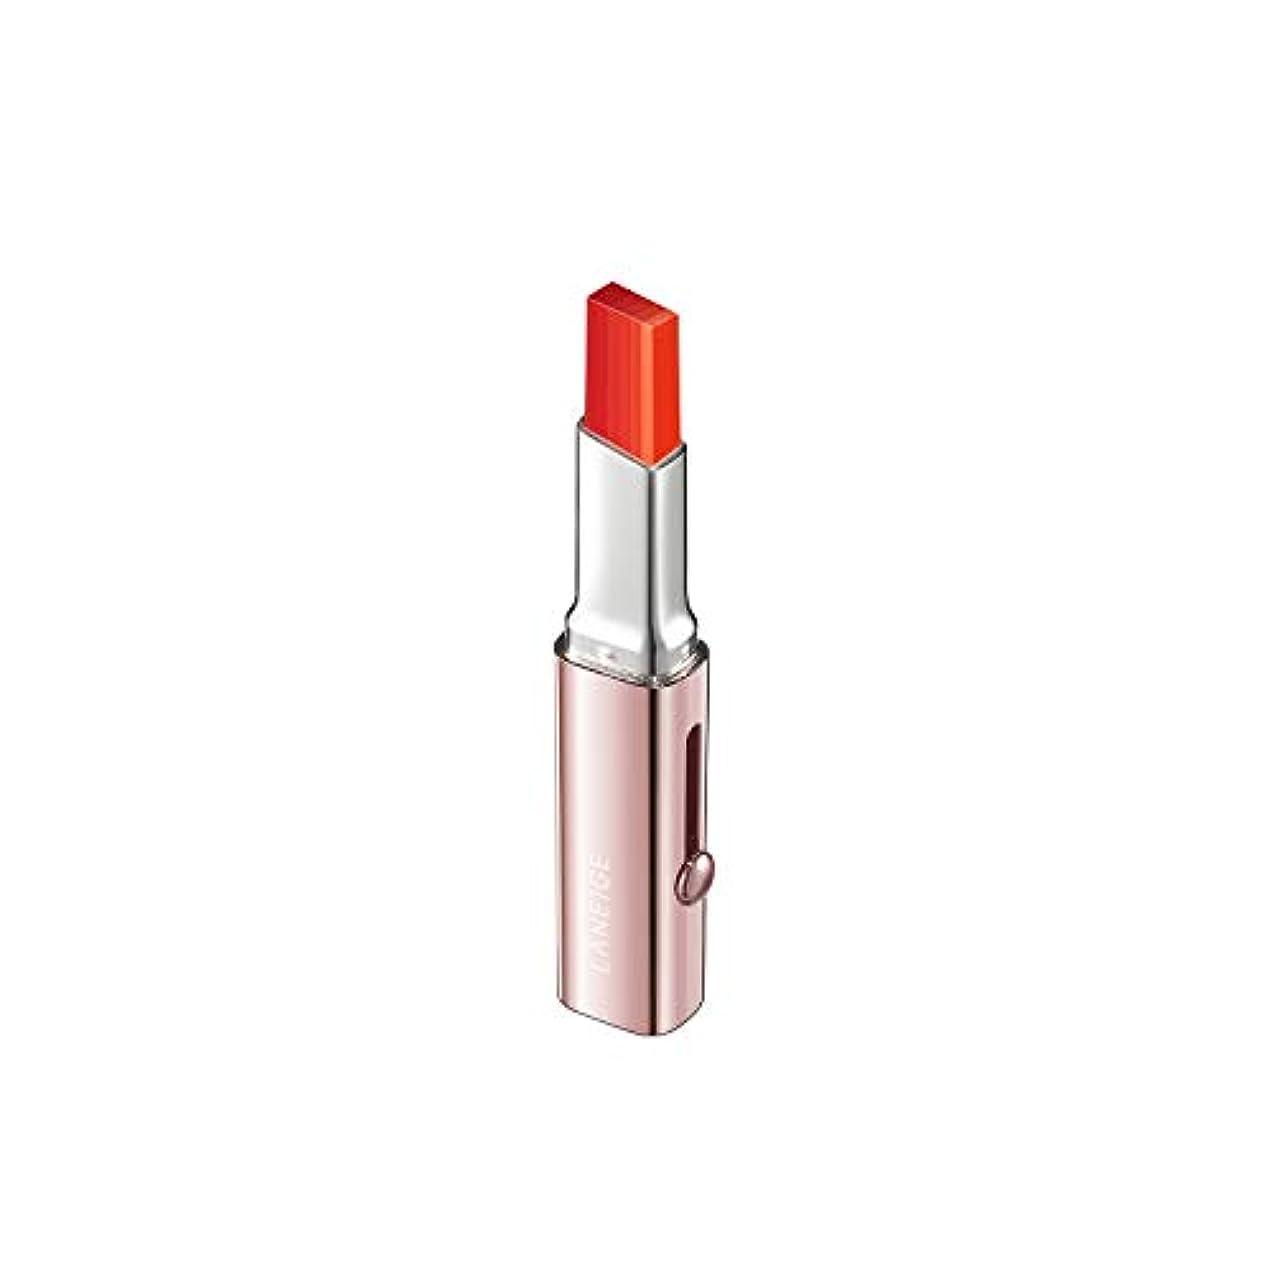 拡張ペンフレンド心理学【ラネージュ】階層リップバー(1.9G)/ Layering Lip Bar-6つのカラーでのグラデーションカラー演出 (#3 GELLRUSH RED)